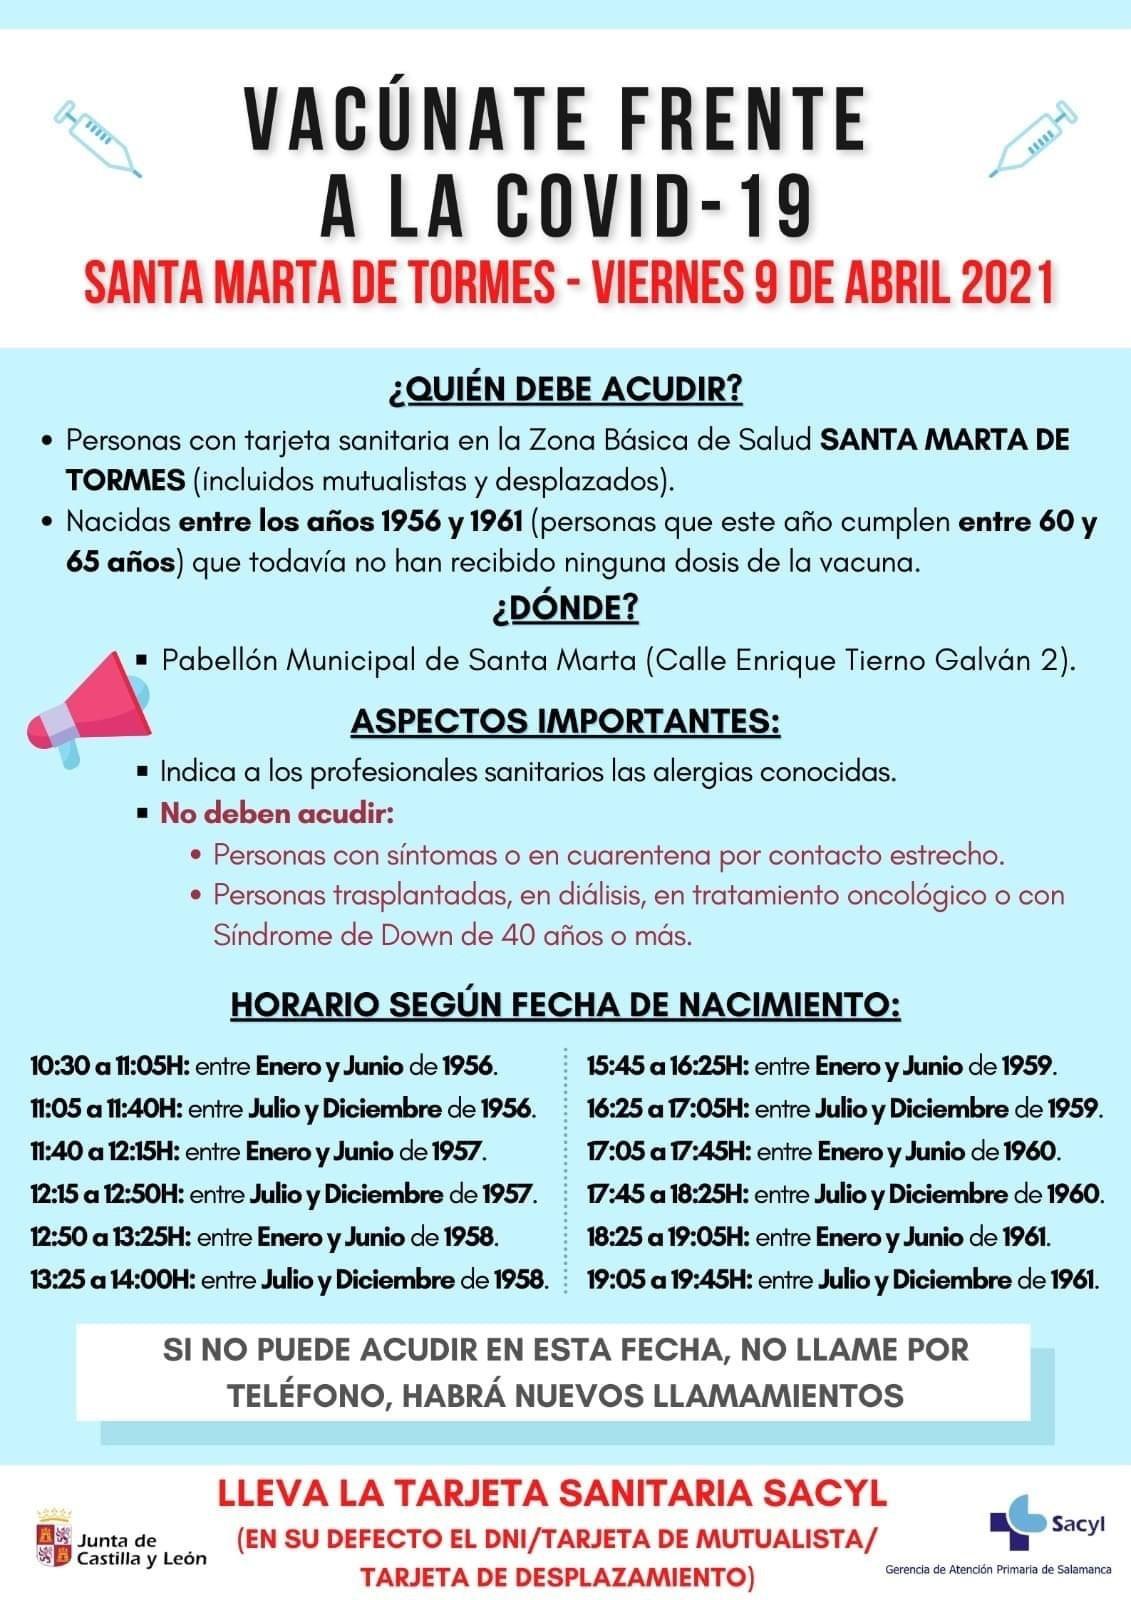 Santa Marta   Cartel vacunaciu00f3n 60 65 au00f1os